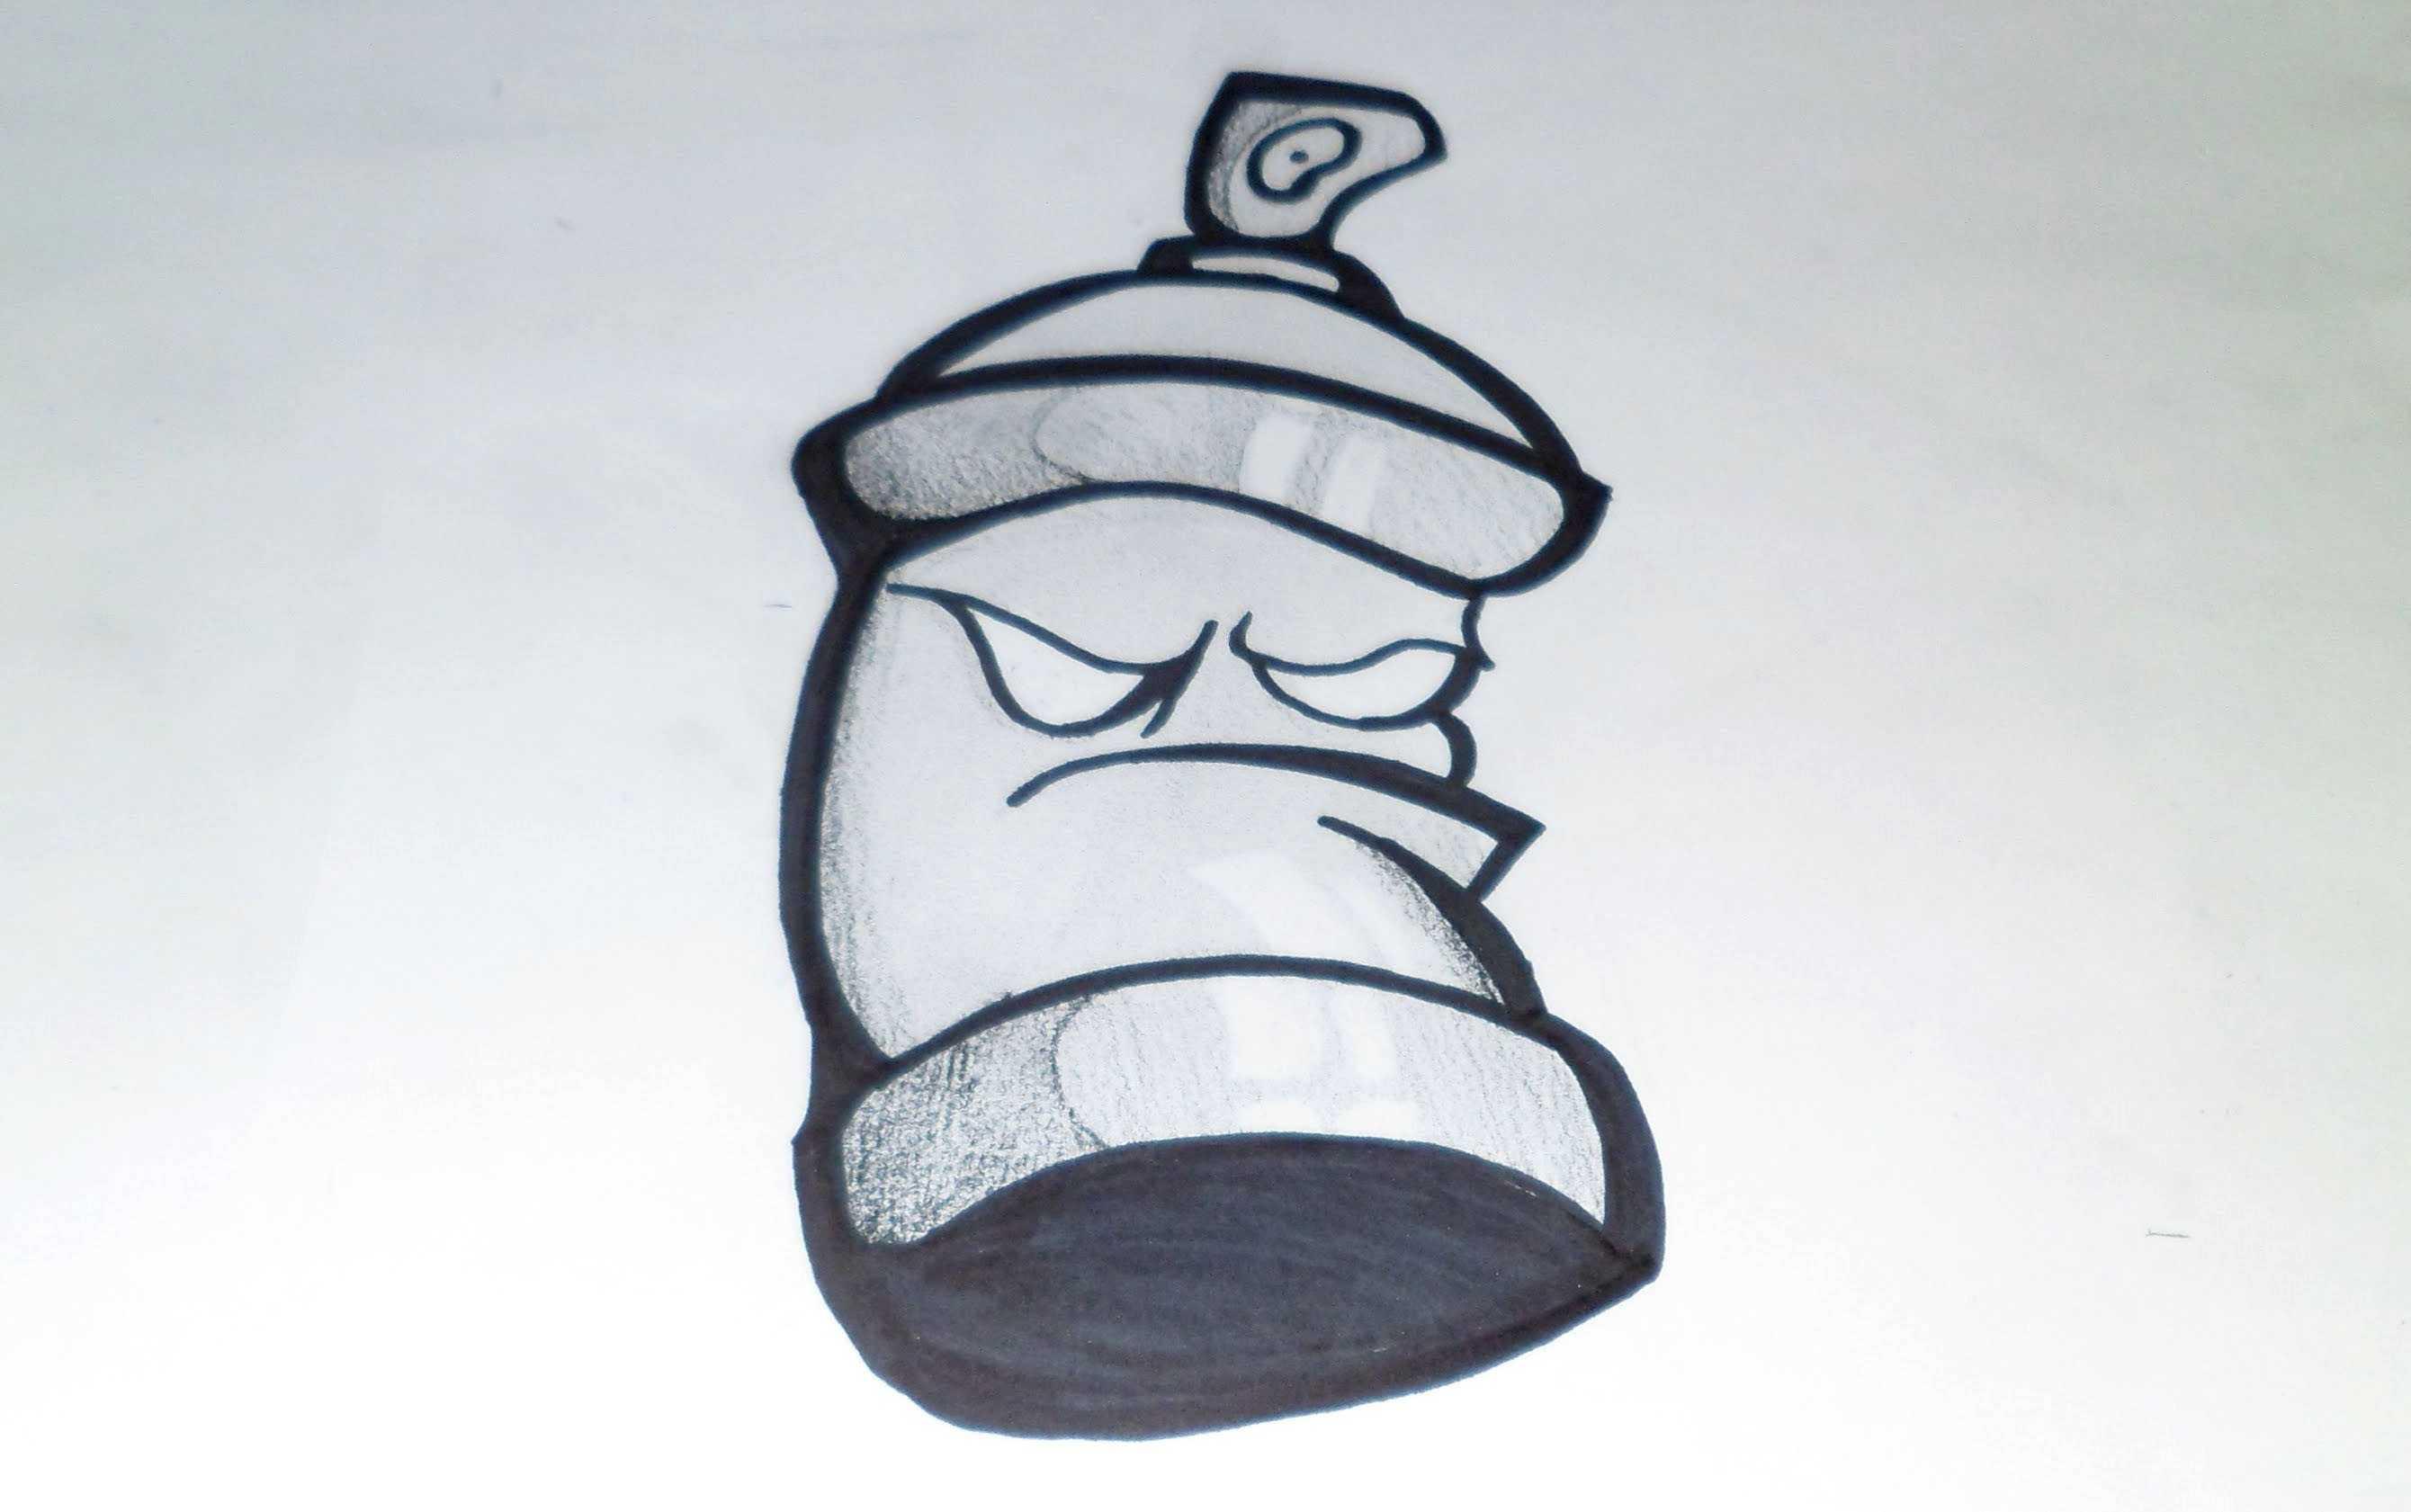 Очень легкие срисовки - как сделать простые и классные срисовки своими руками (155 фото)